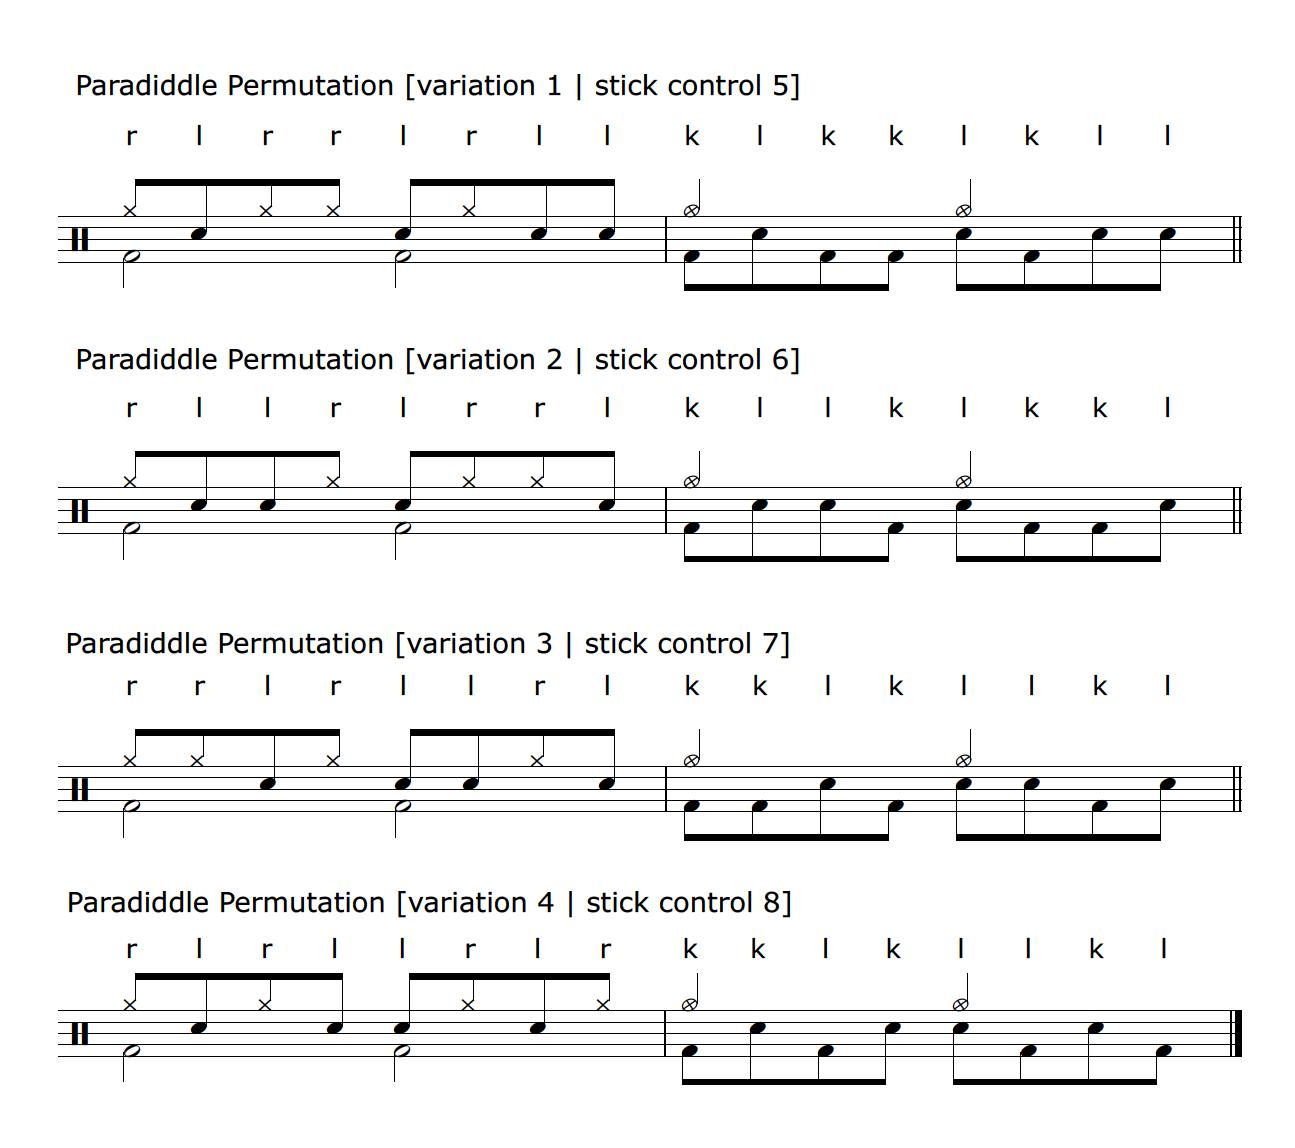 paradiddlepermutations